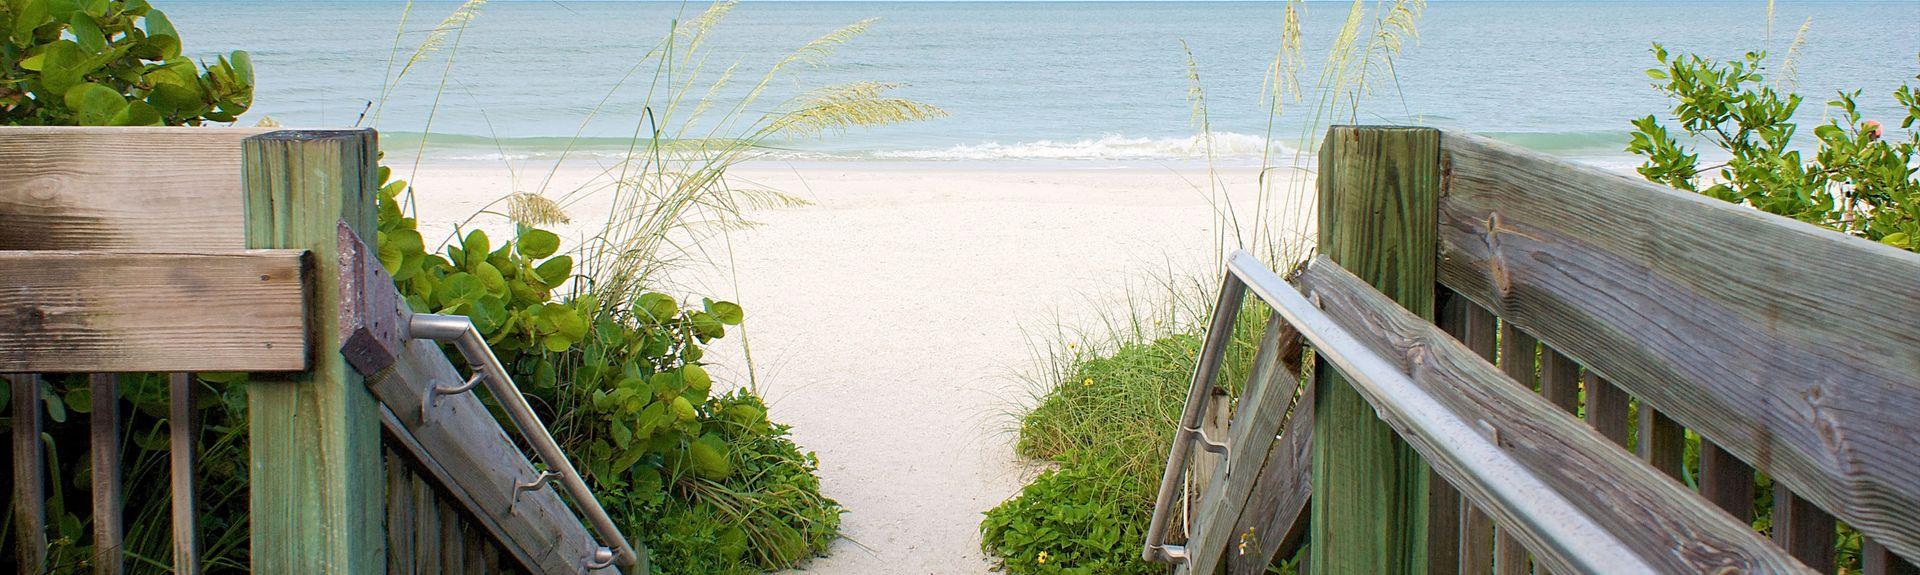 Publiczna plaża na Bonita Springs, Bonita Springs, Floryda, Stany Zjednoczone